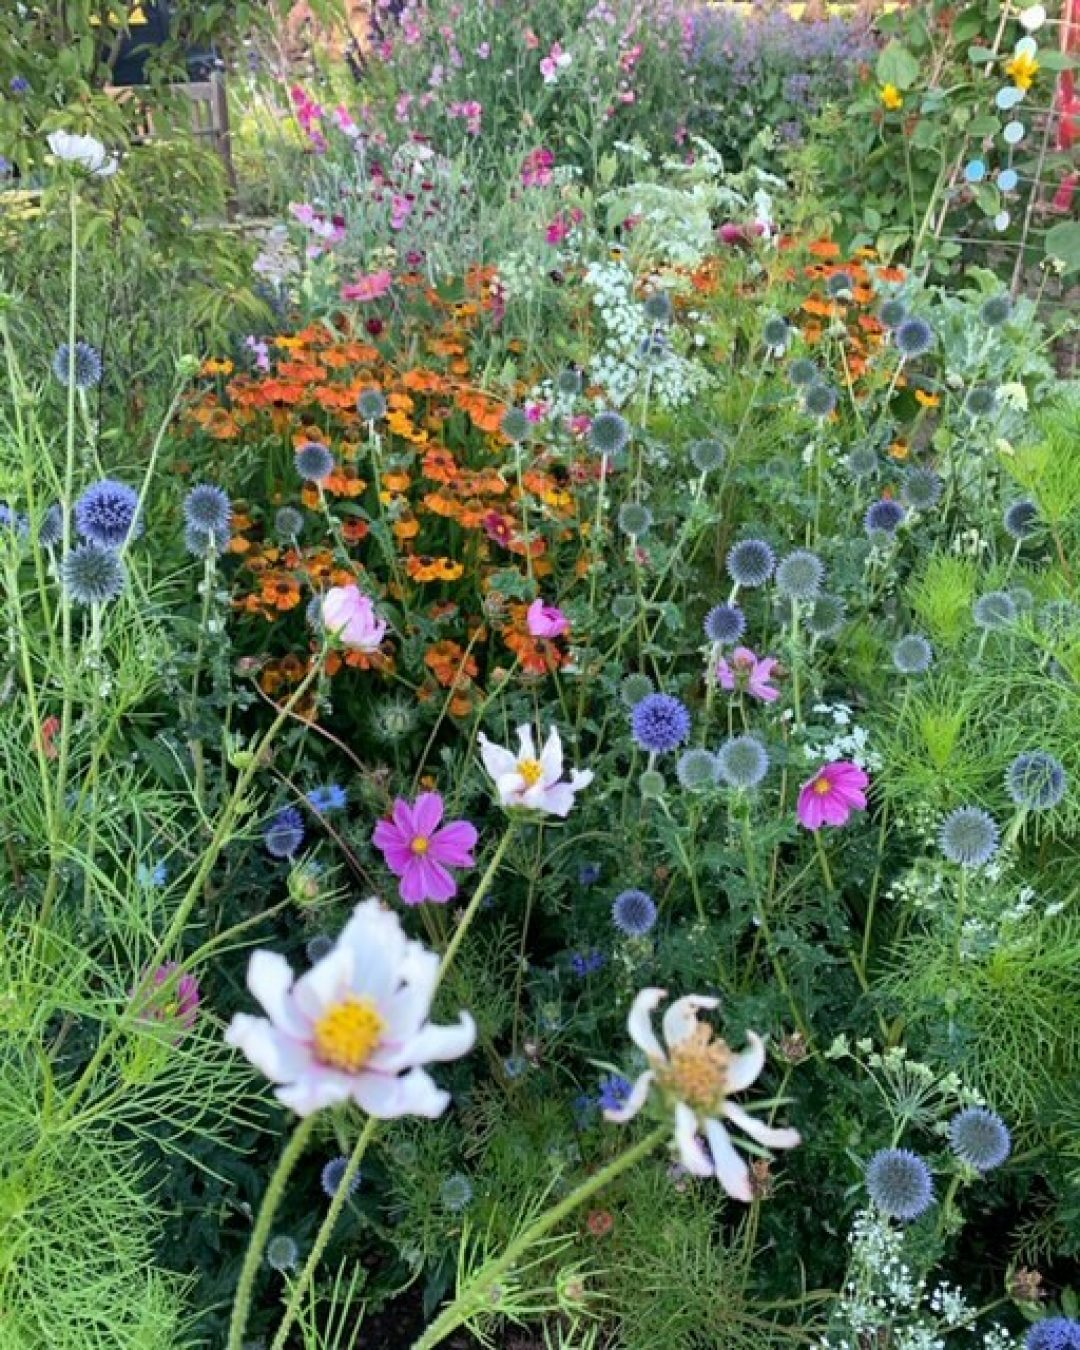 Flower beds clairegreensladeblog hestercombe